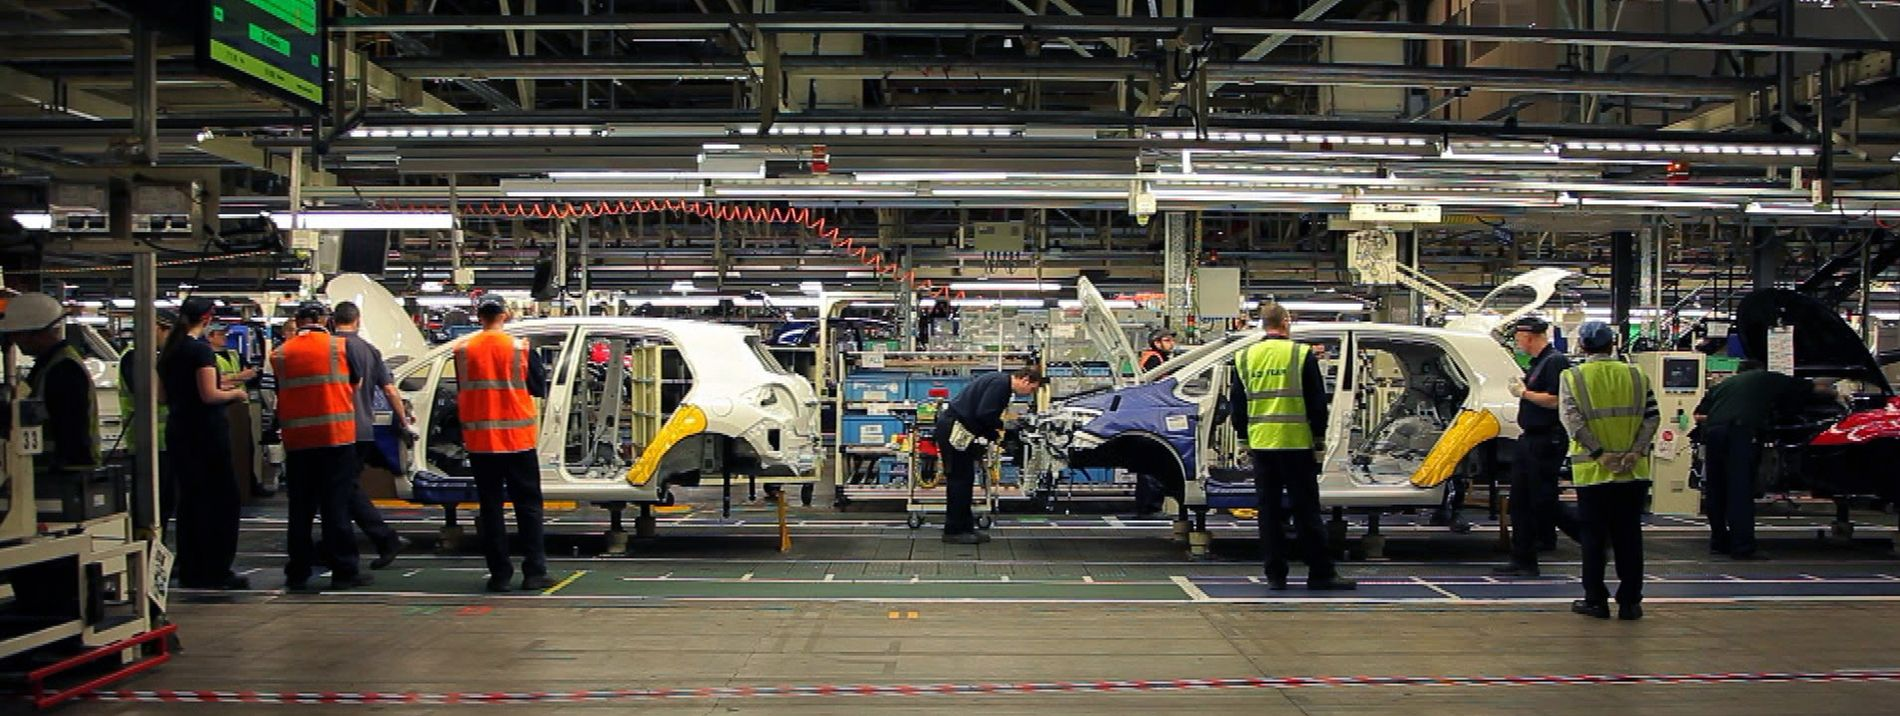 PÅ REKKE OG RAD: Toyota sin fabrikk i Burnaston i England. Produksjon av Auris Hybrid.